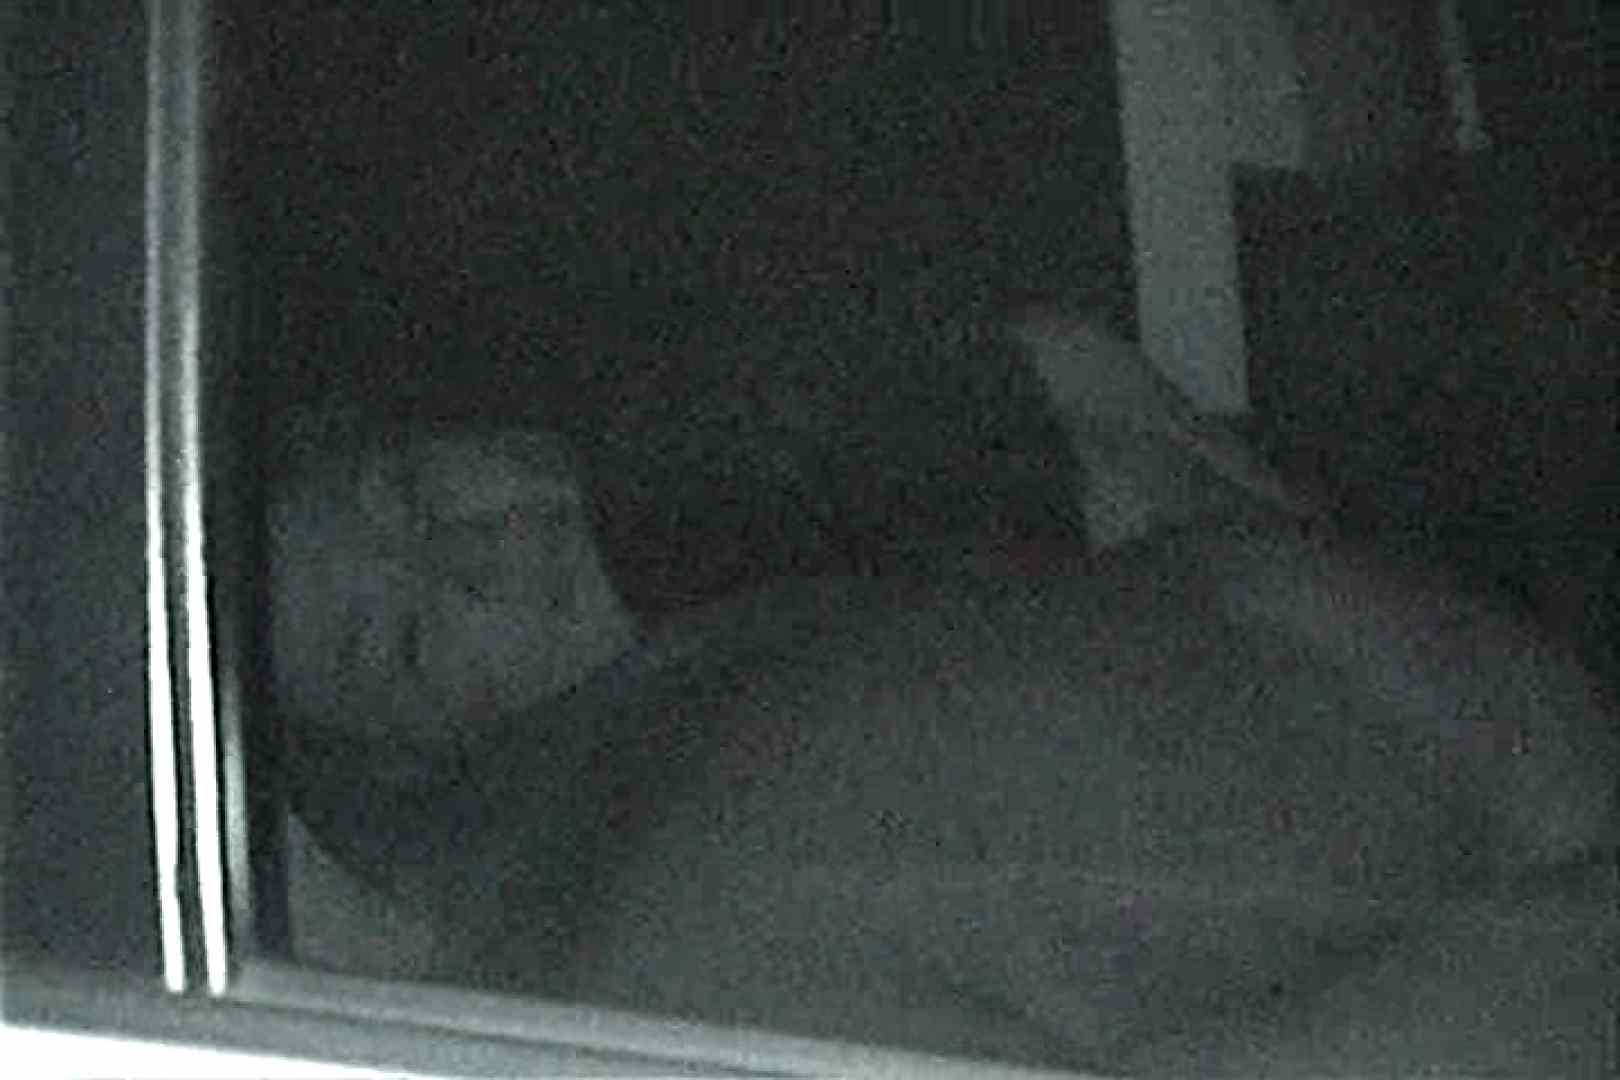 充血監督の深夜の運動会Vol.30 OLセックス 隠し撮りAV無料 51画像 44